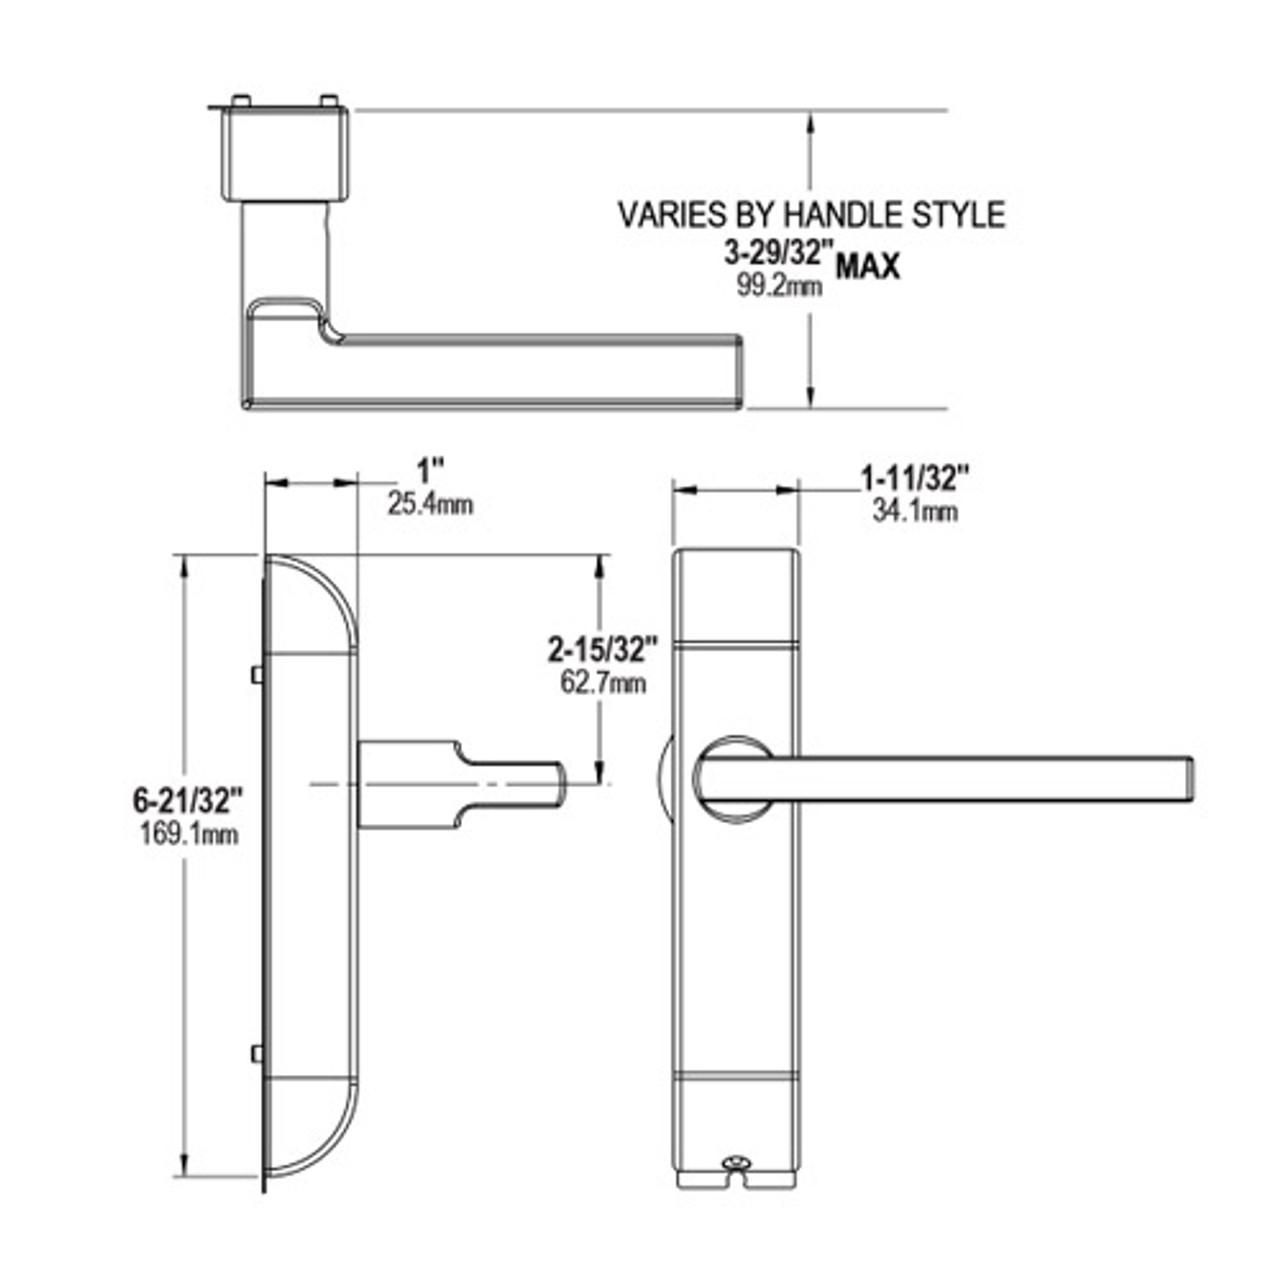 4600M-MN-552-US32 Adams Rite MN Designer handle Dimensional View